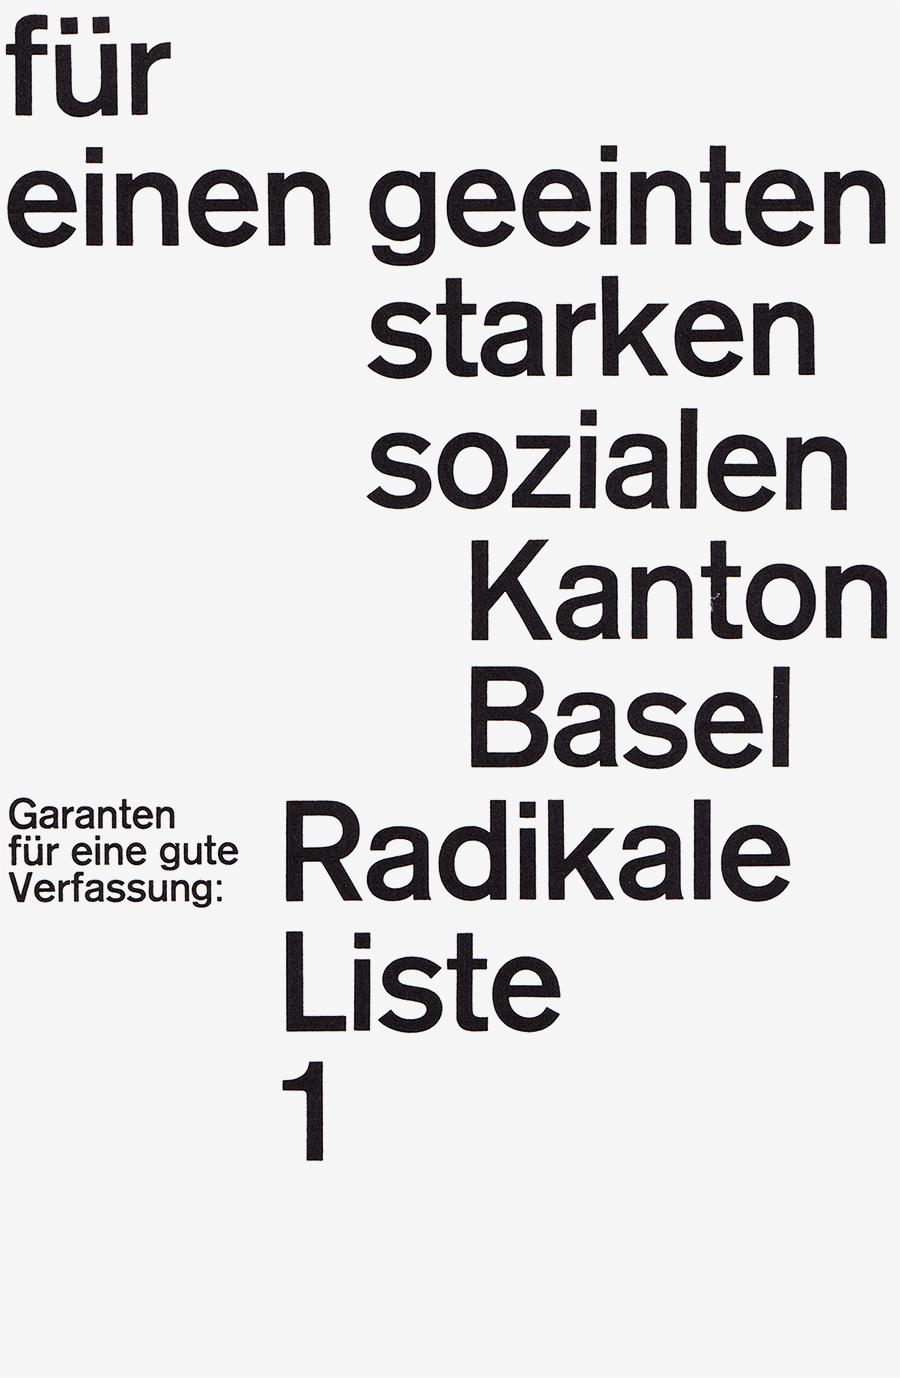 1960-radikale-liste